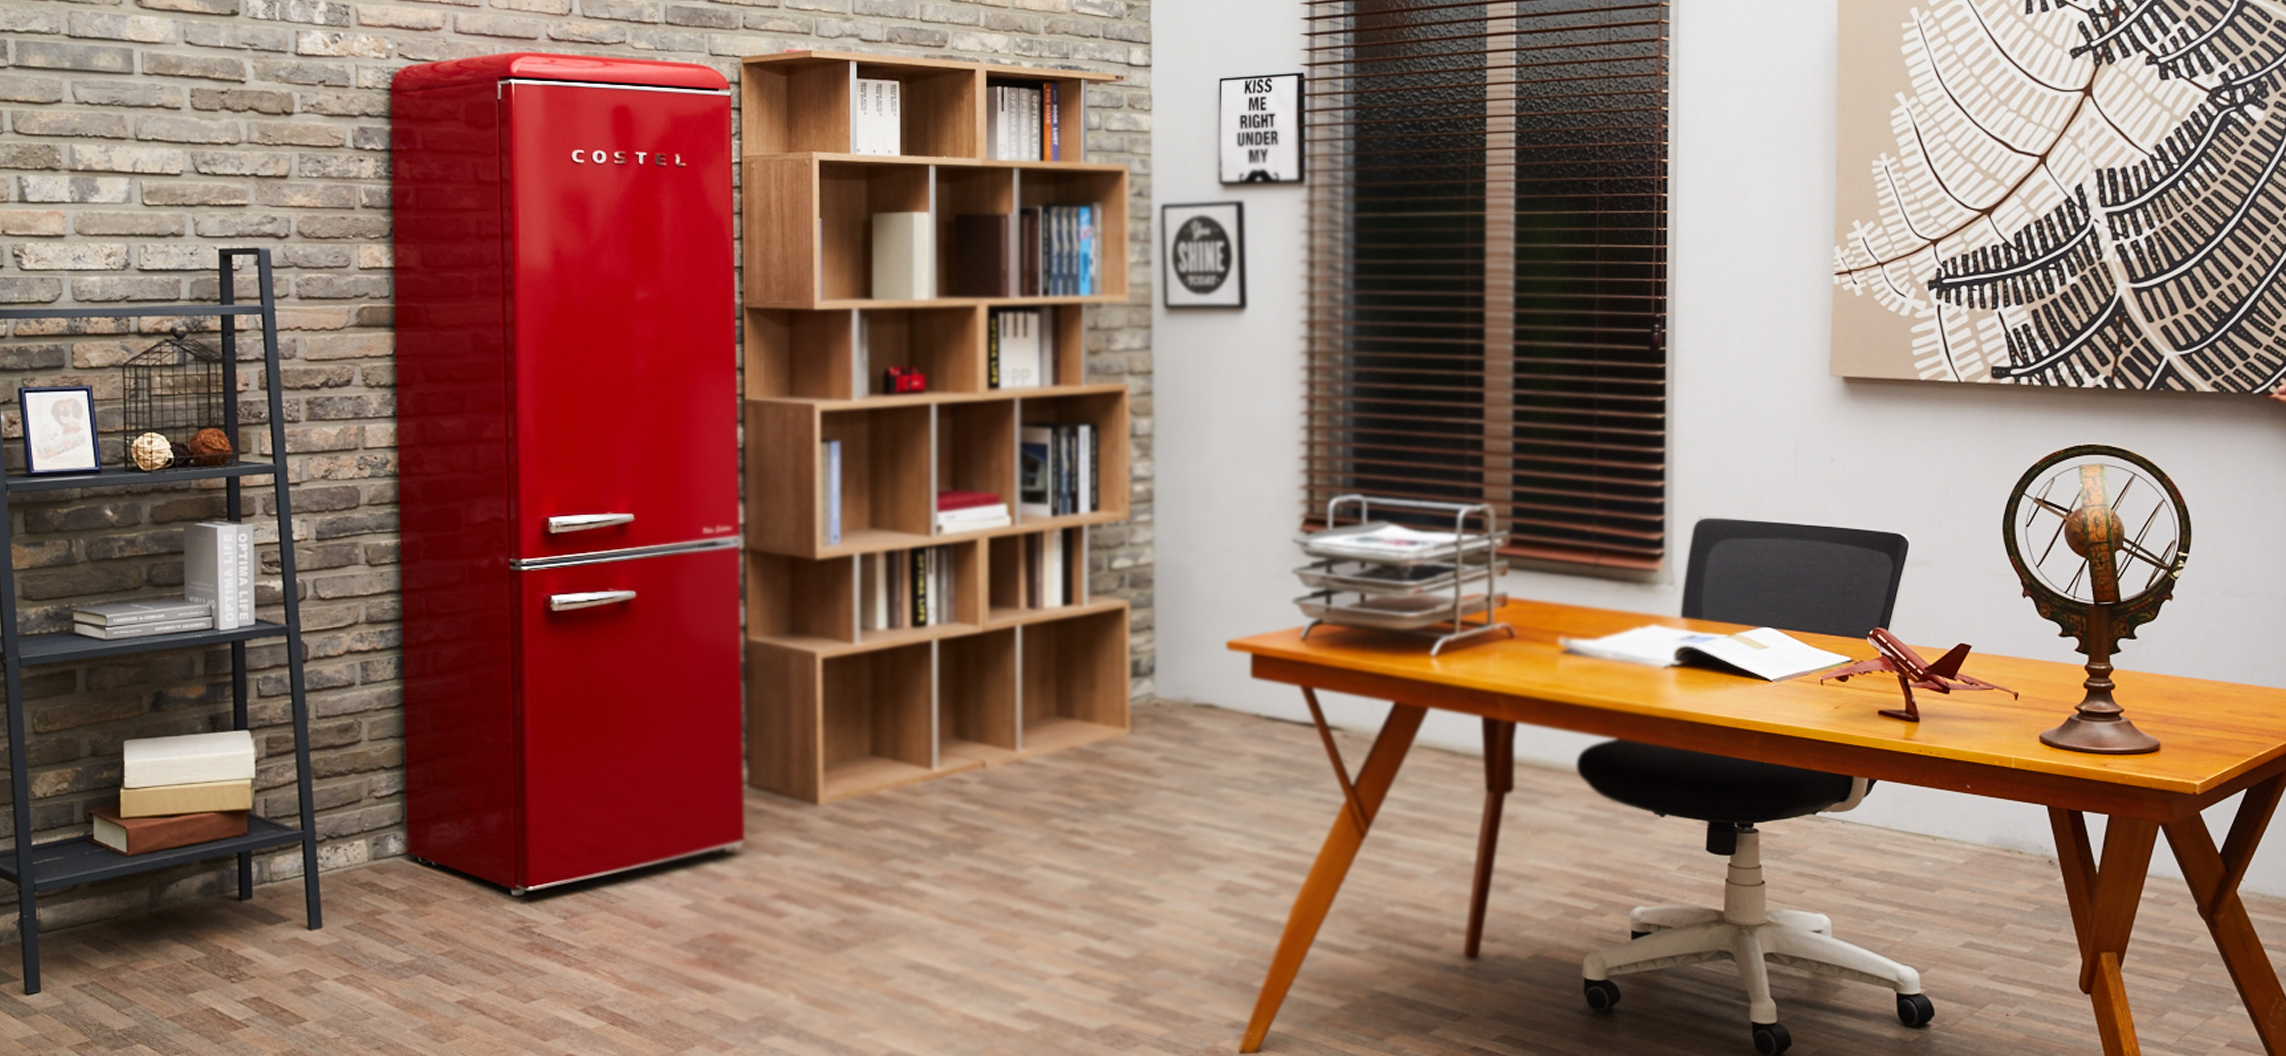 레트로 에디션 냉장고